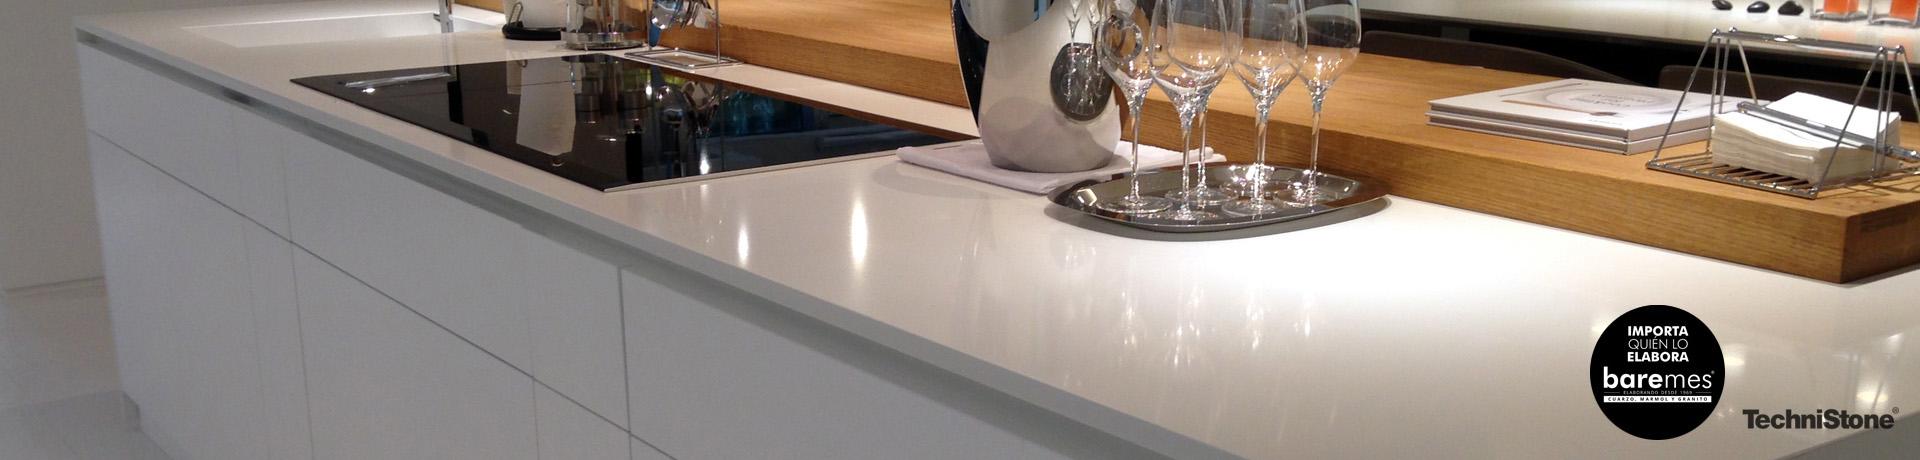 mesadas de cocina granito marmol cuarzo technistone mesadas cocina cuarzo mesada mesadas granito granito cuarzo mesada cocina argentina buenos aires